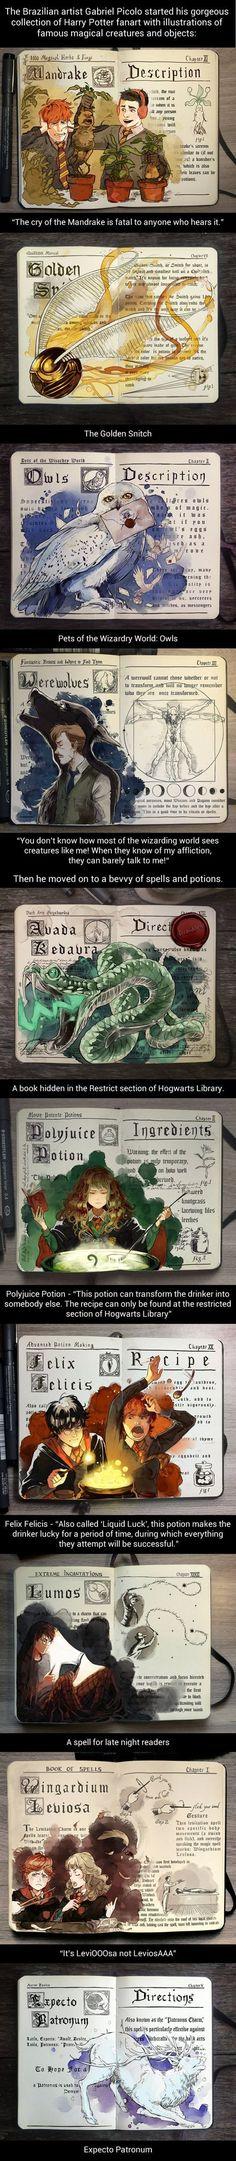 Les fans se font une joie d'illustrer les idées de Rowling et le travail de Gabriel Picolo vaut clairement qu'on y jette un oeil.::